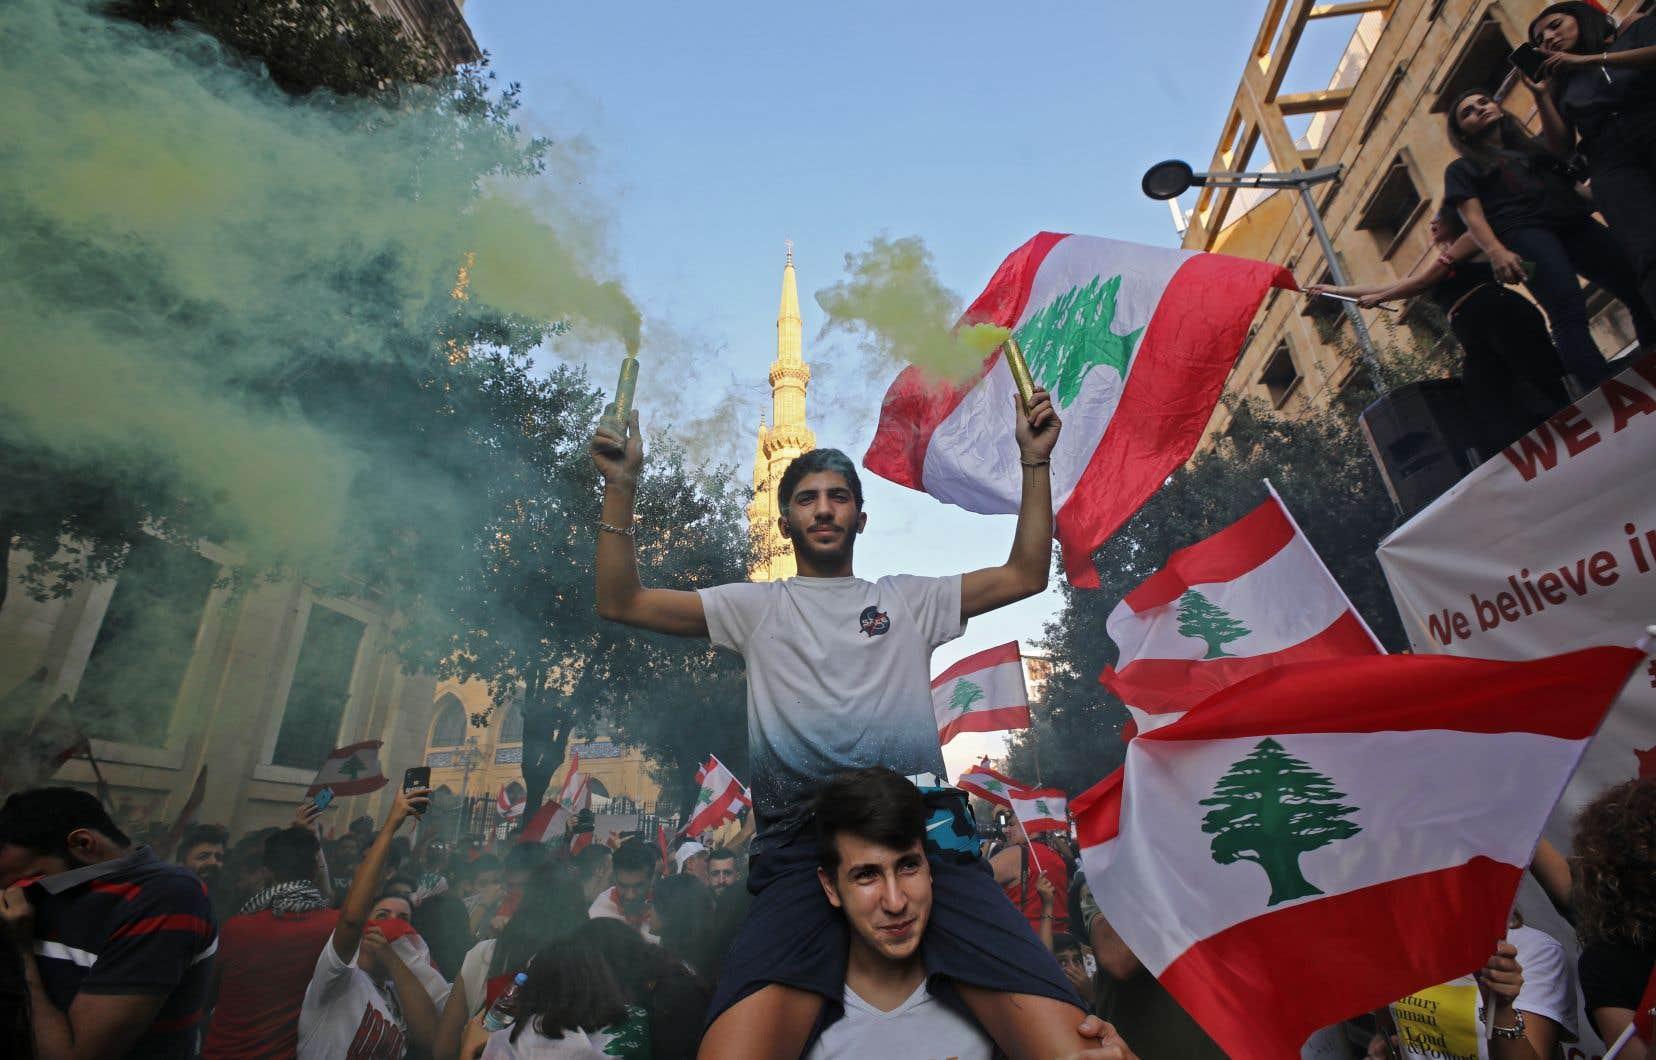 Les Libanais ont continué de manifester même si le gouvernement a annoncé des réformes.